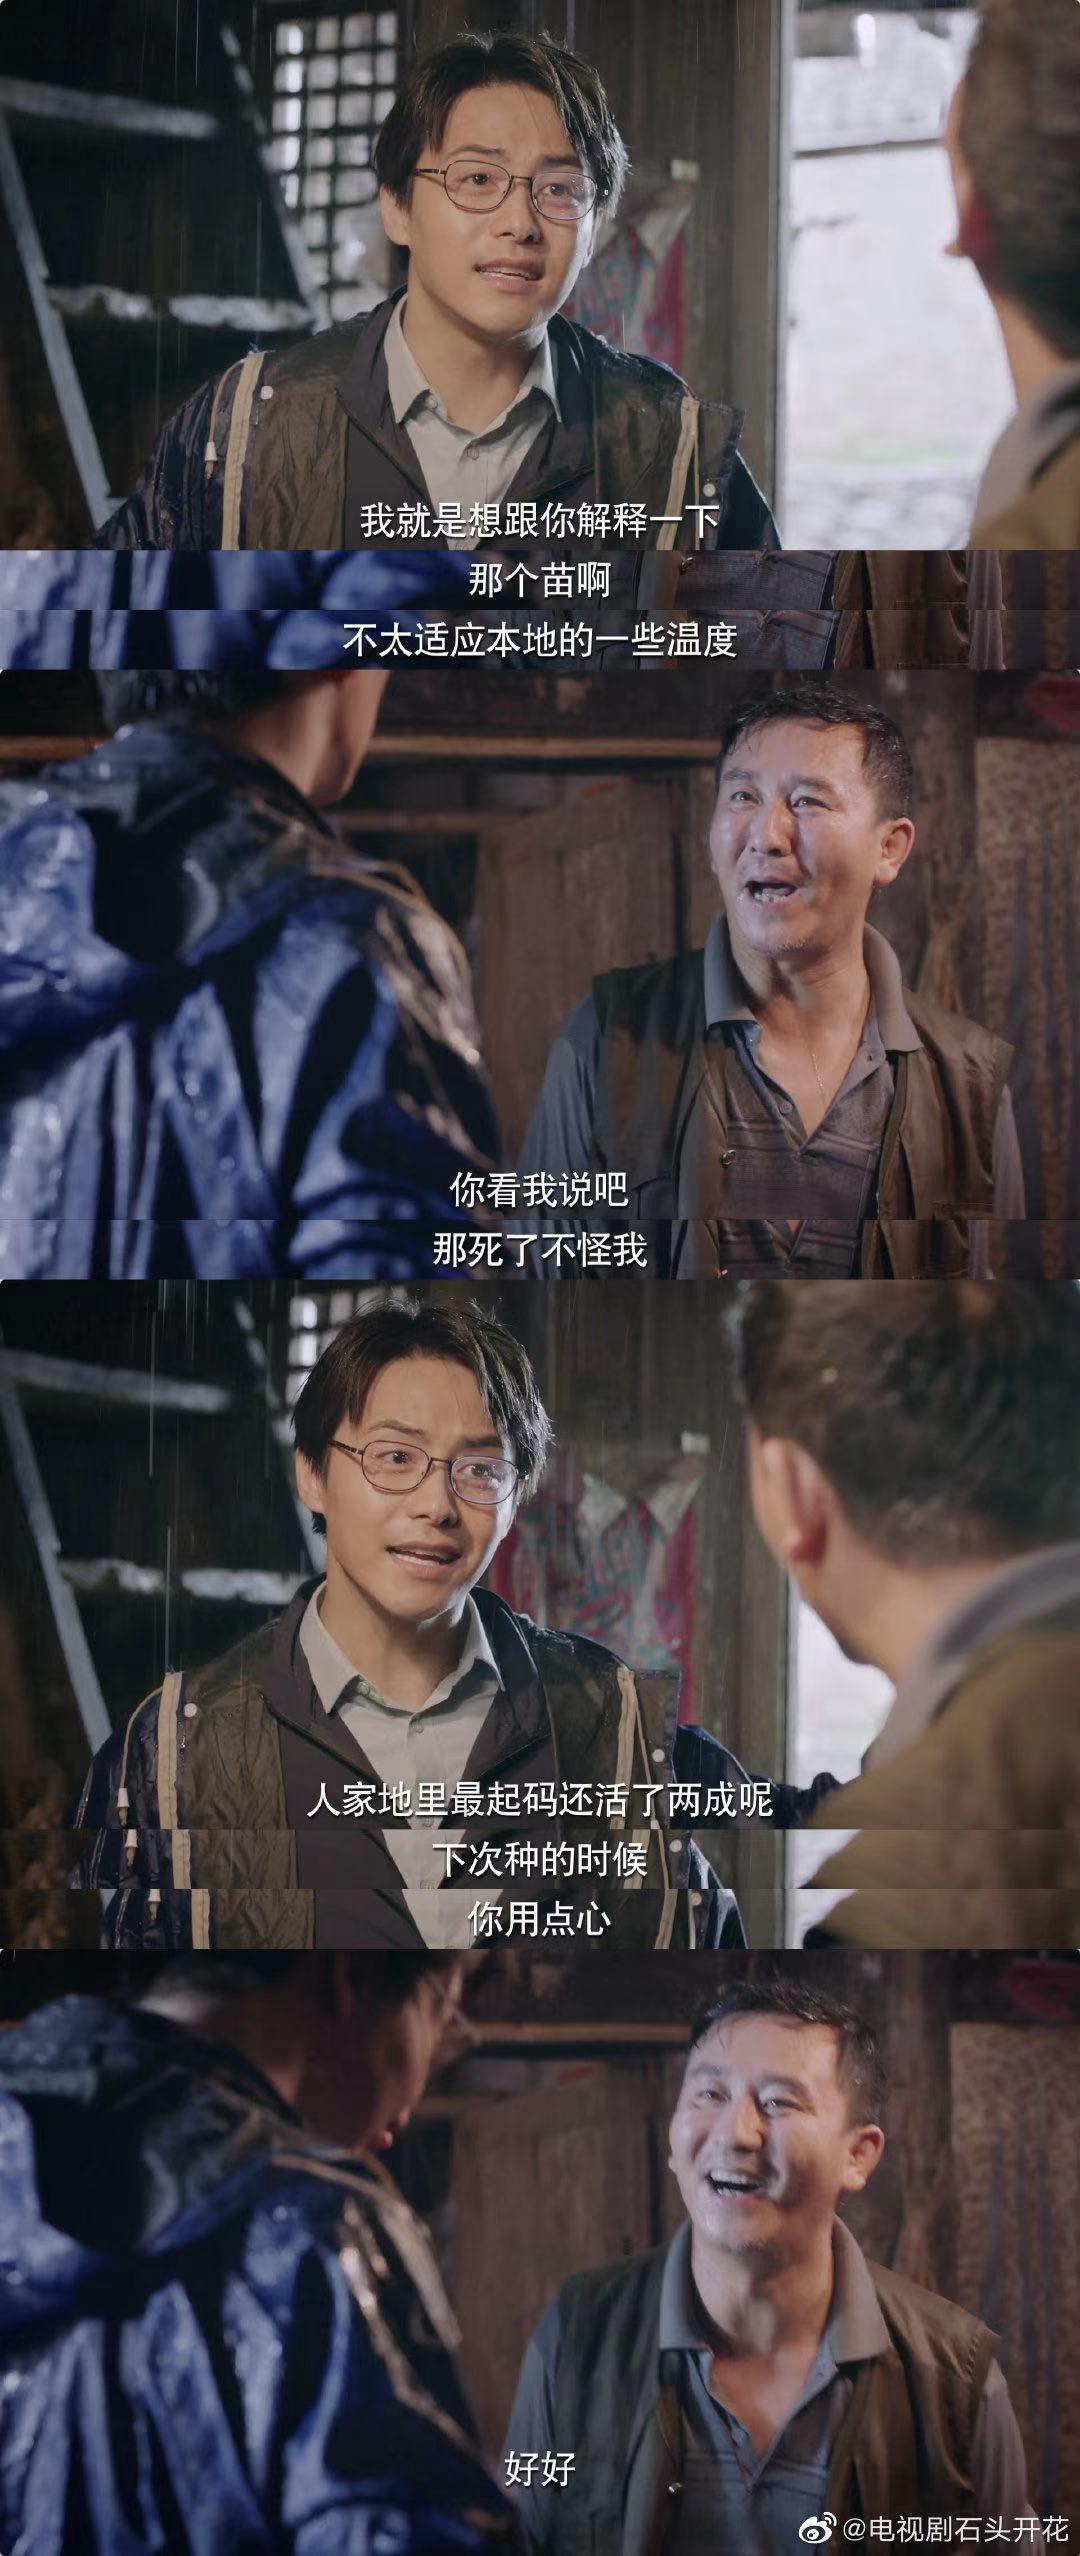 《石头开花》:首次出演大学生村官 马天宇坐实演技派青年演员